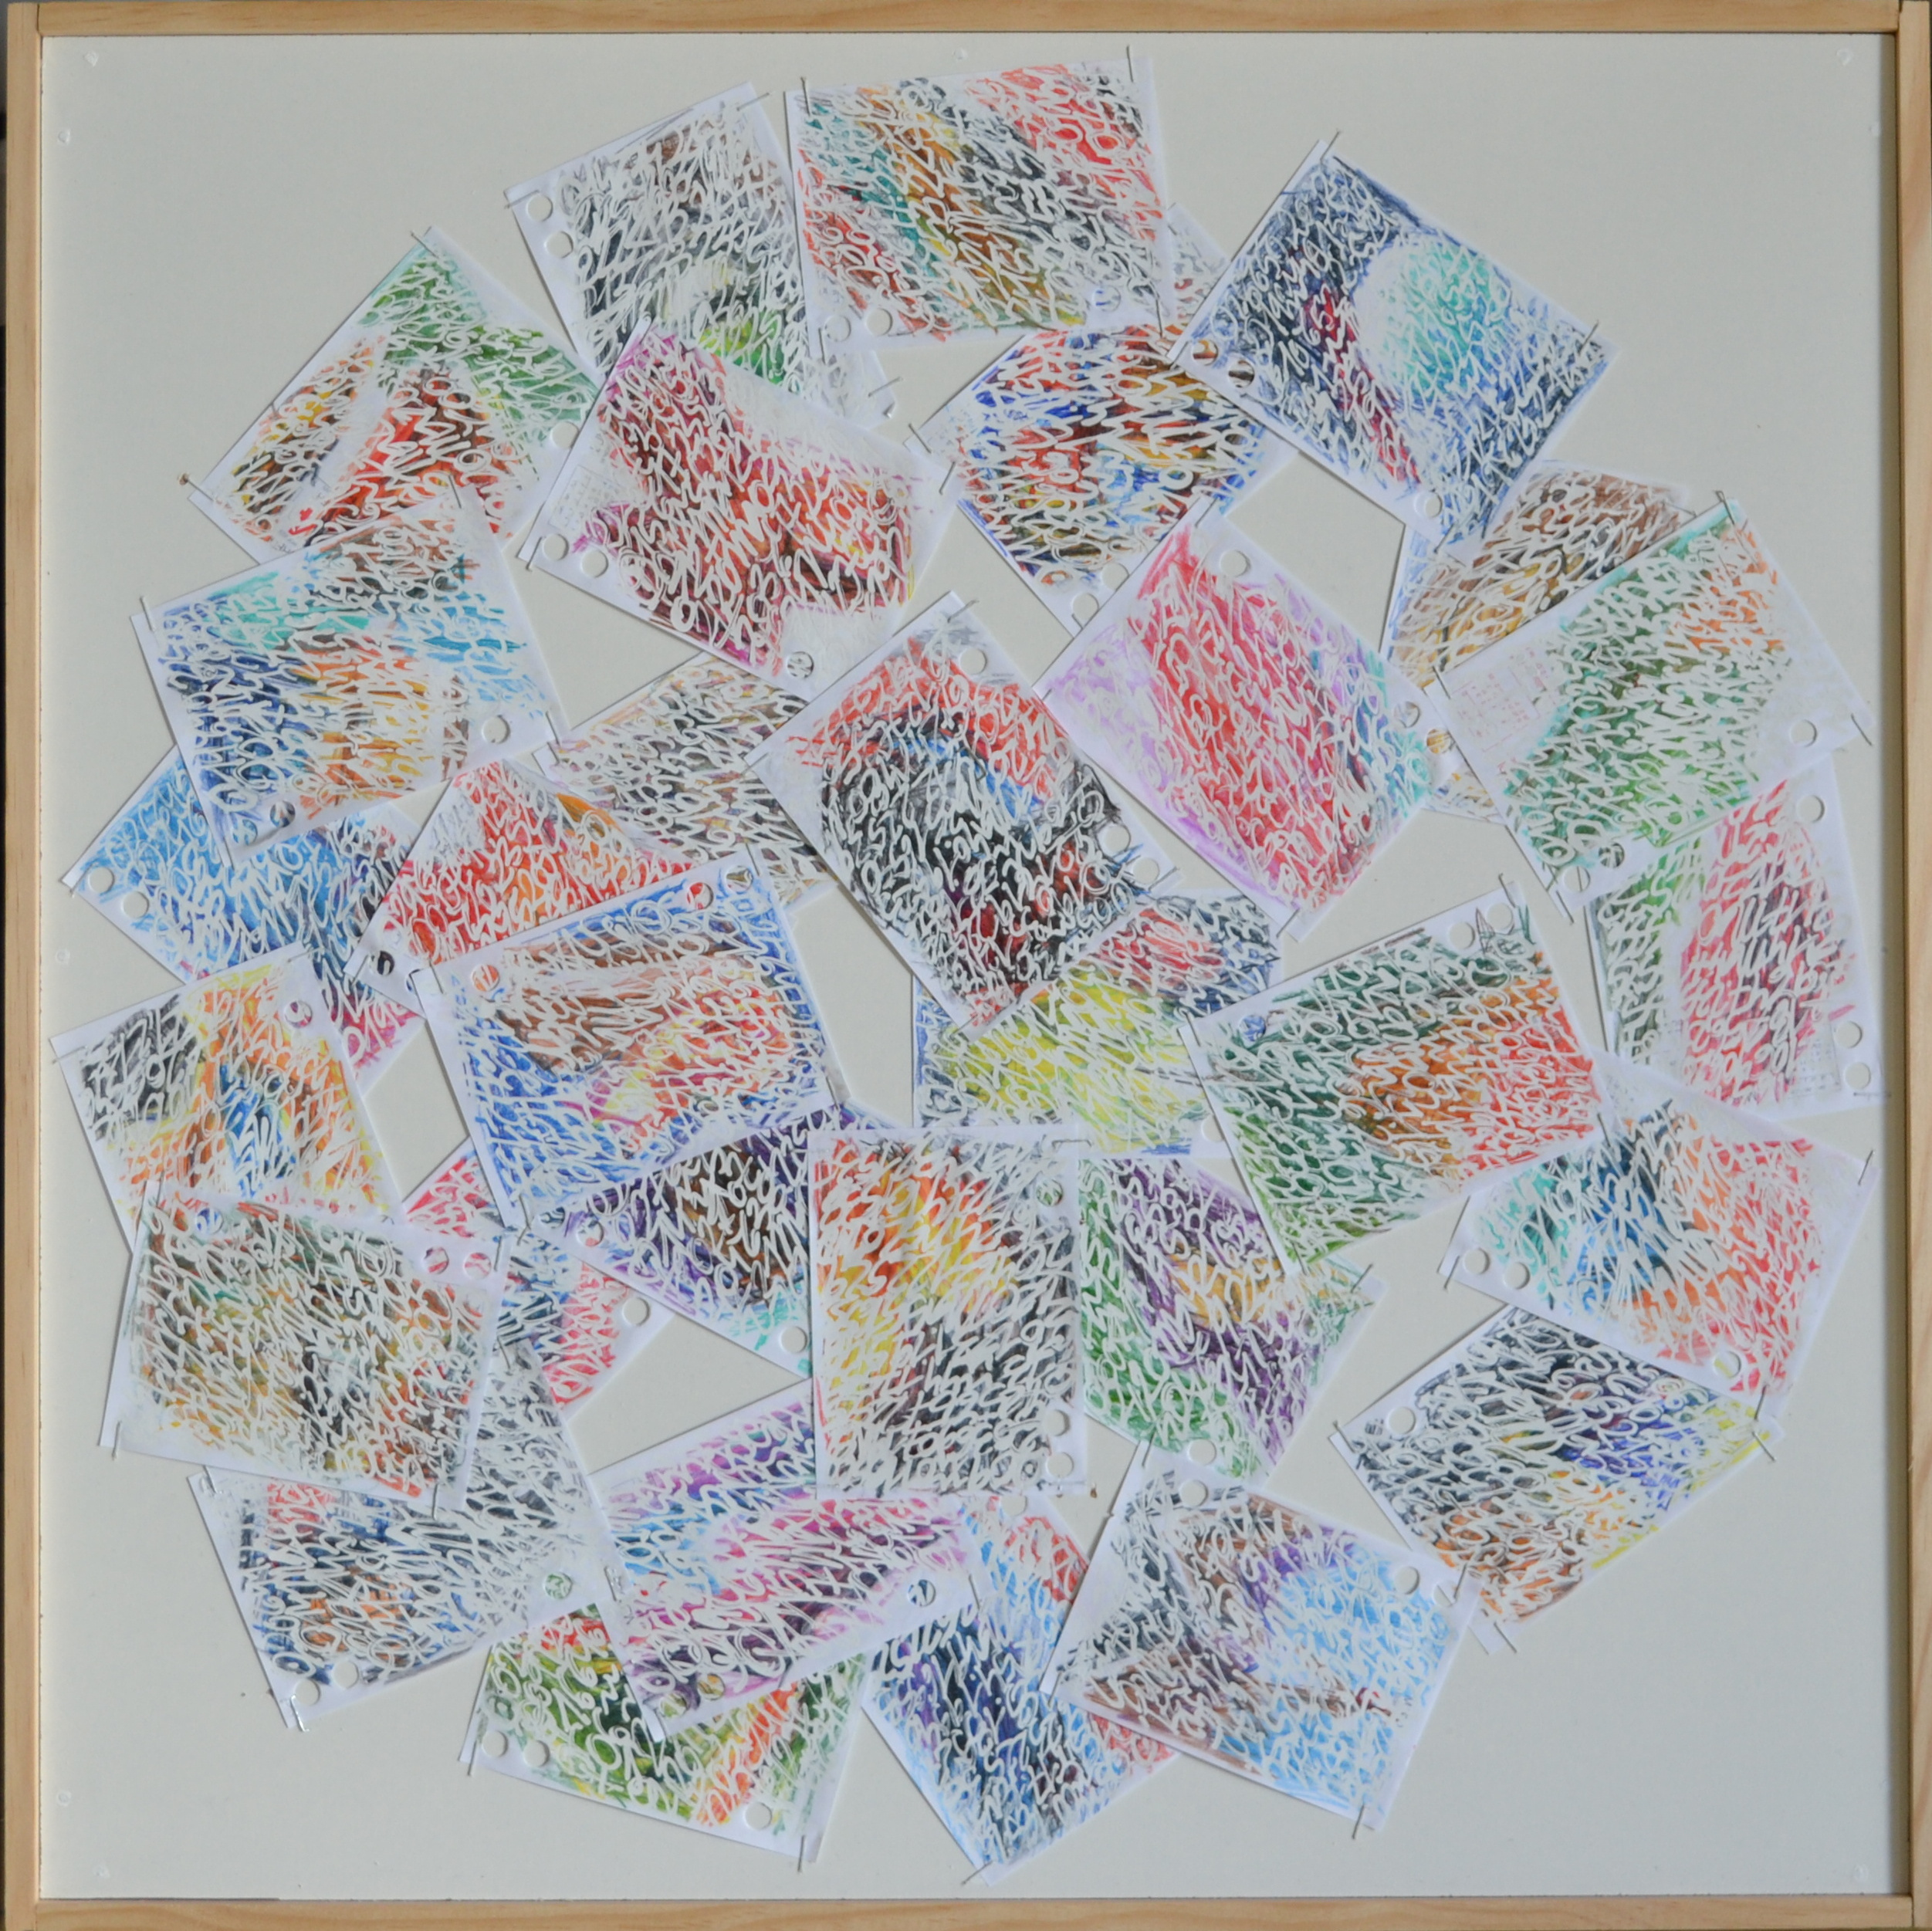 Mappemonde Ephéméride 2018, mois de Janvier, 1/12, crayons de couleur et stylo correcteur sur papiers agrafés sur bois, 59 x 59 cm. Chaque jour, sur les feuilles 12 x 8 cm d